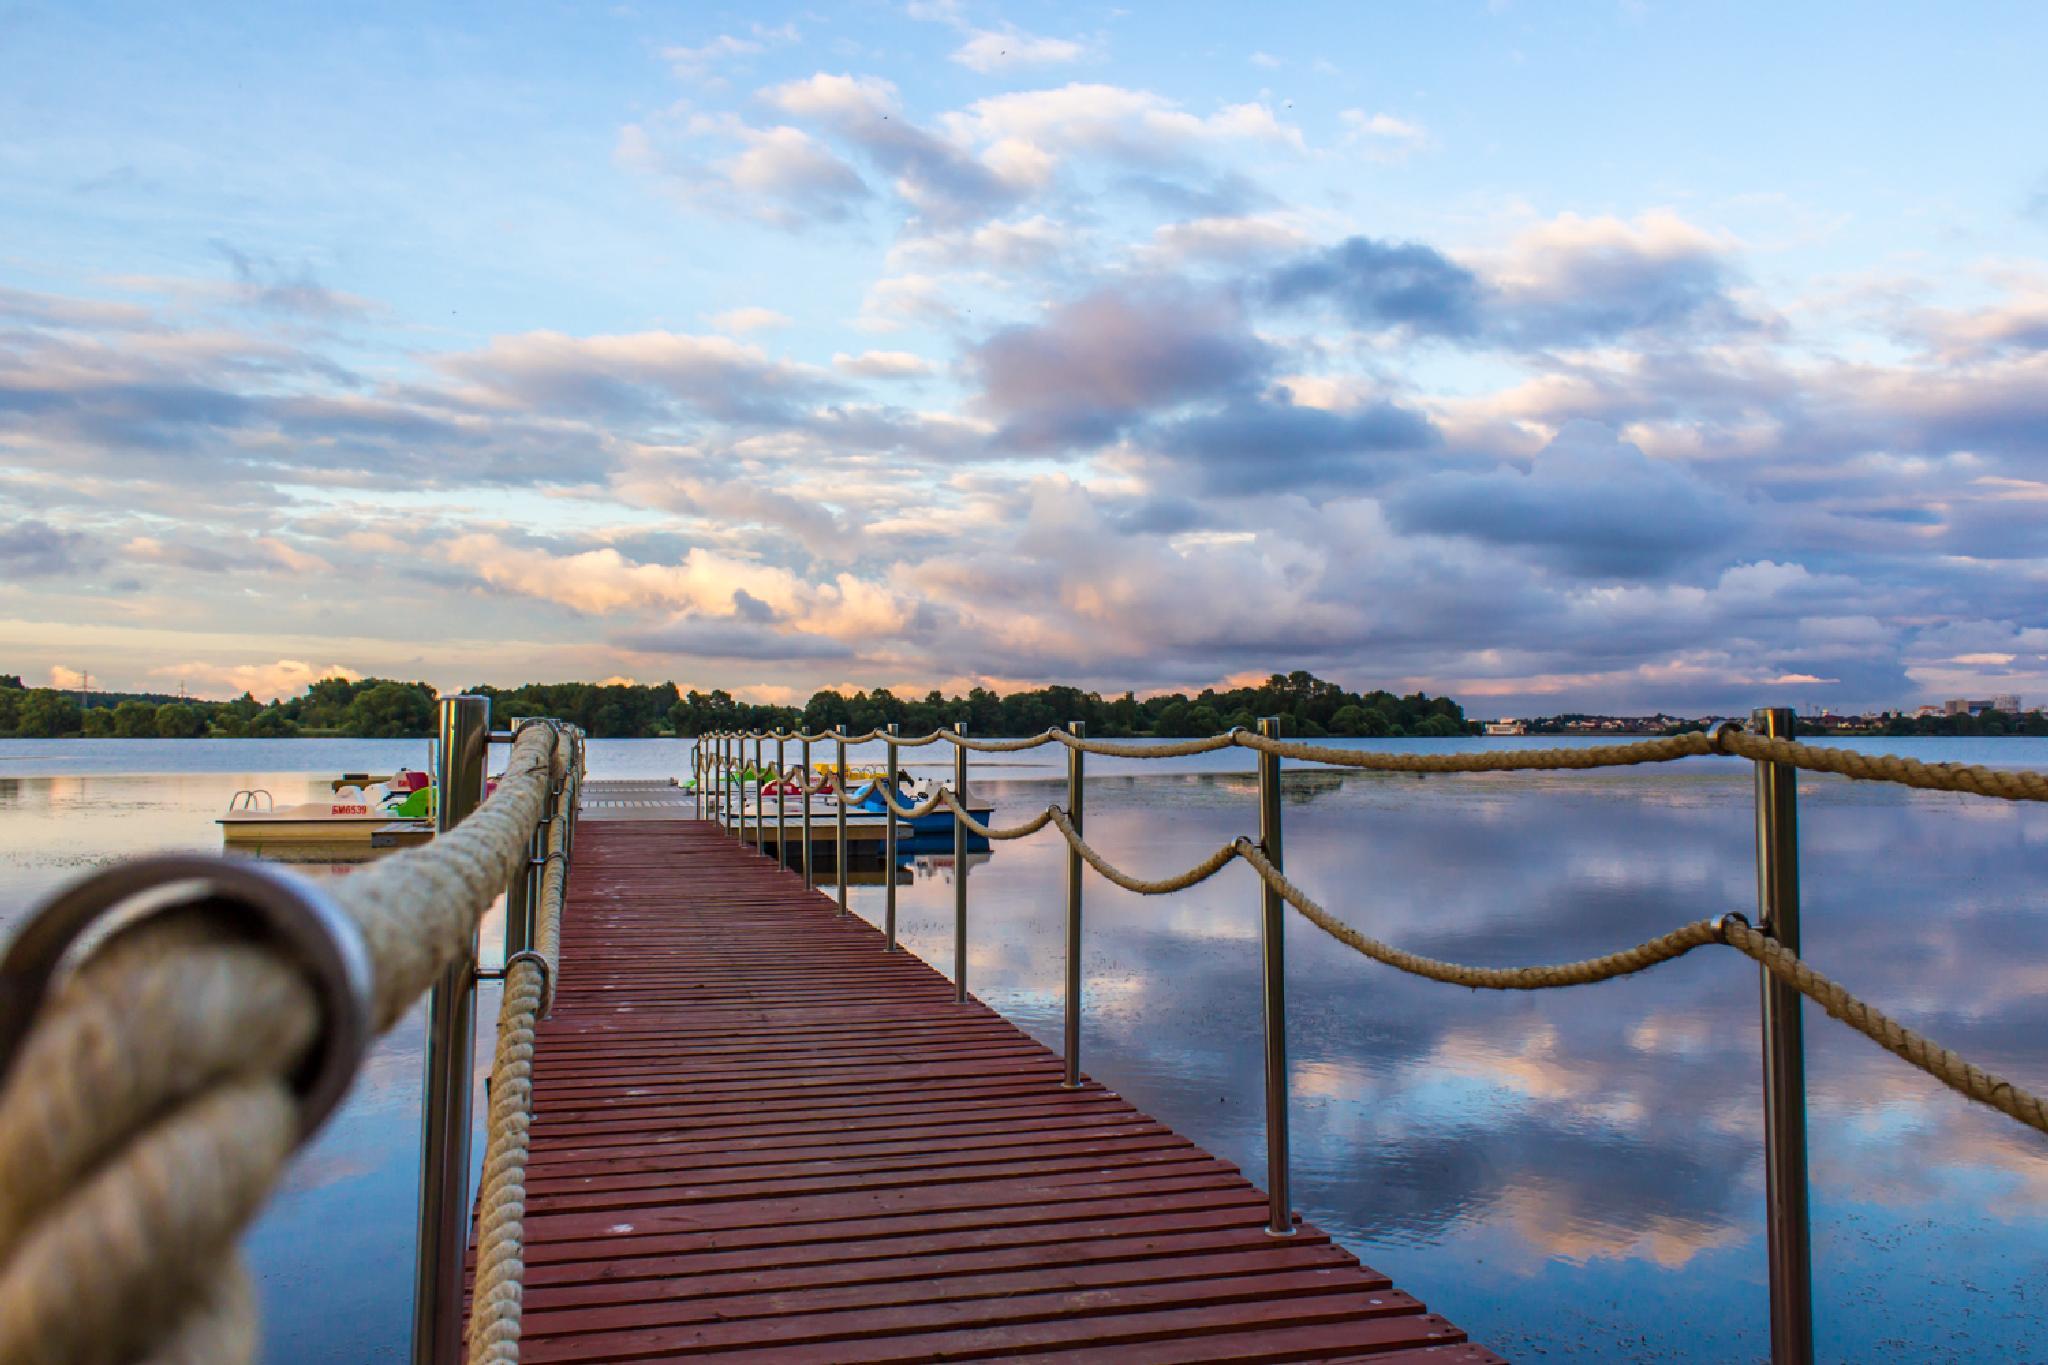 the pier by kozakovs